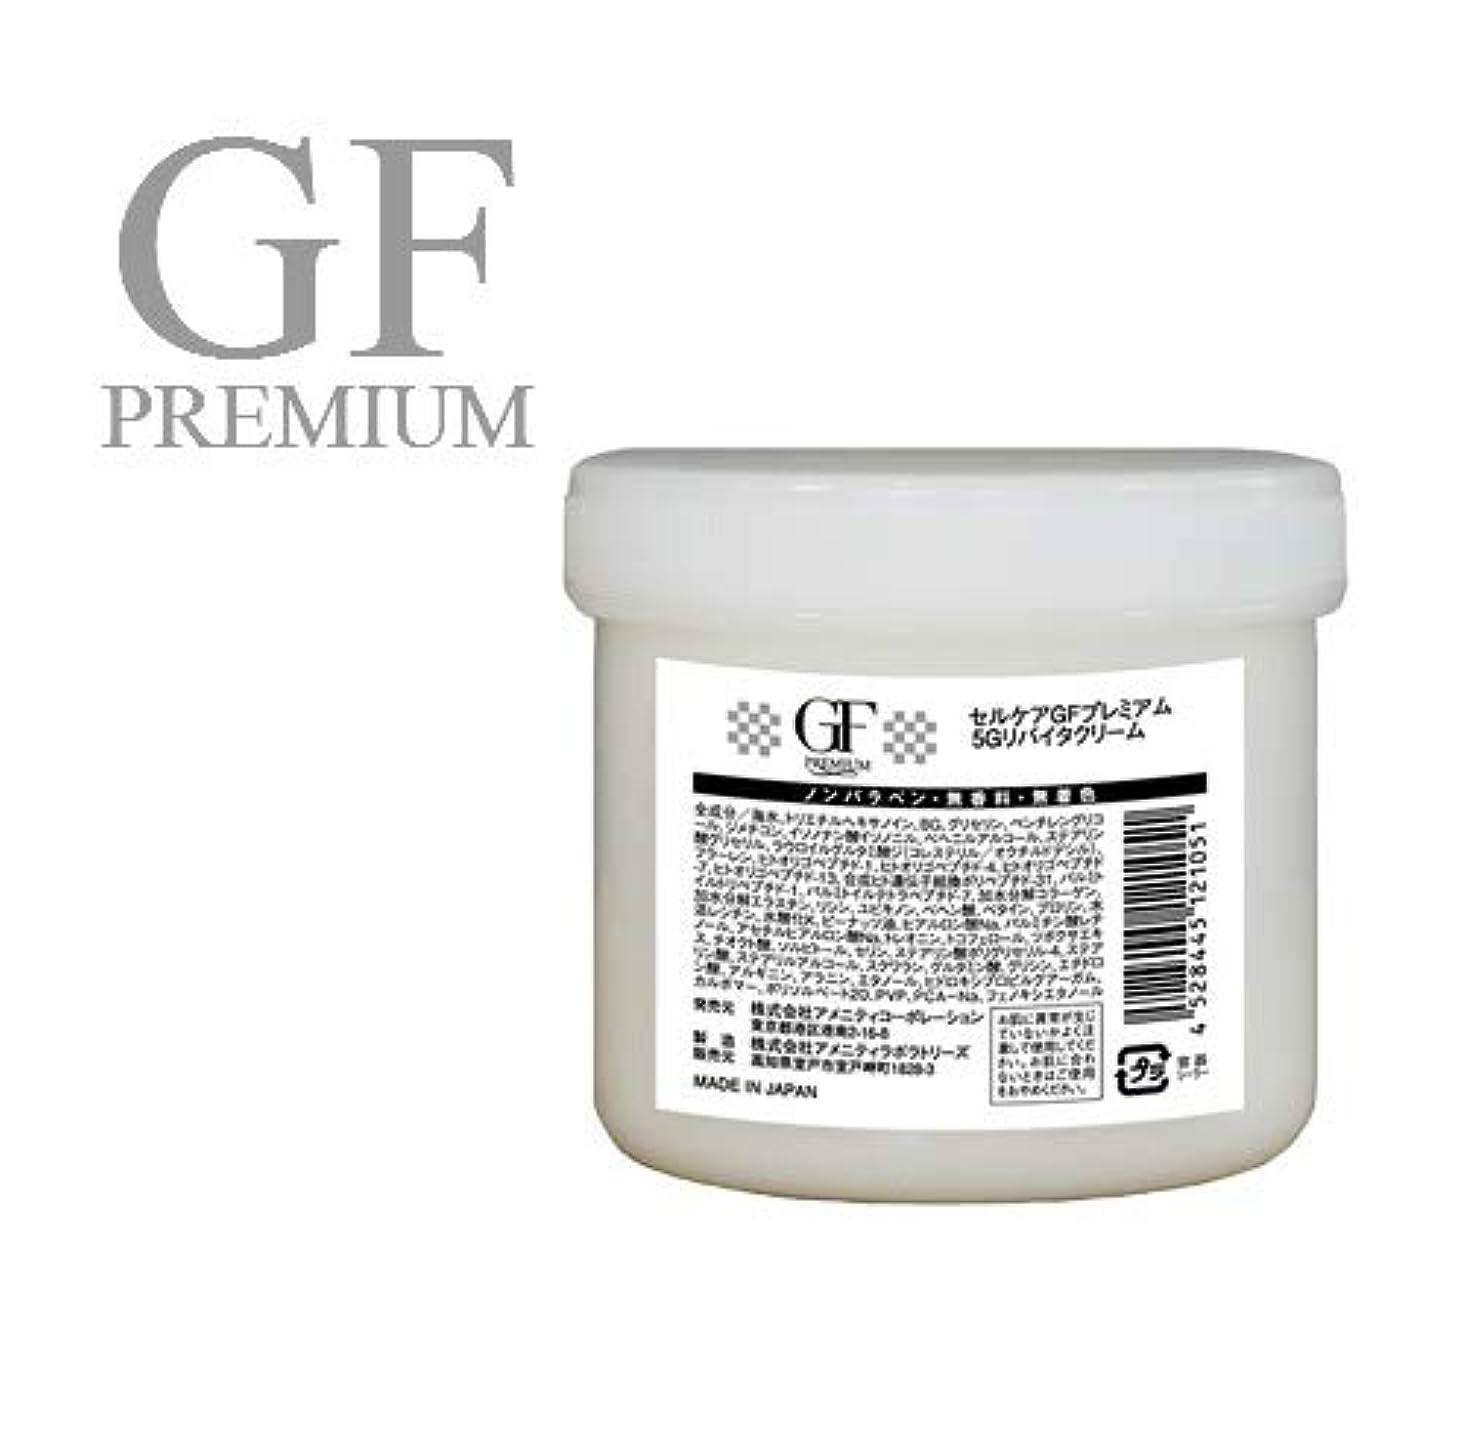 蒸発イーウェル市町村セルケア GF プレミアム 5G リバイタクリーム お徳用 250g